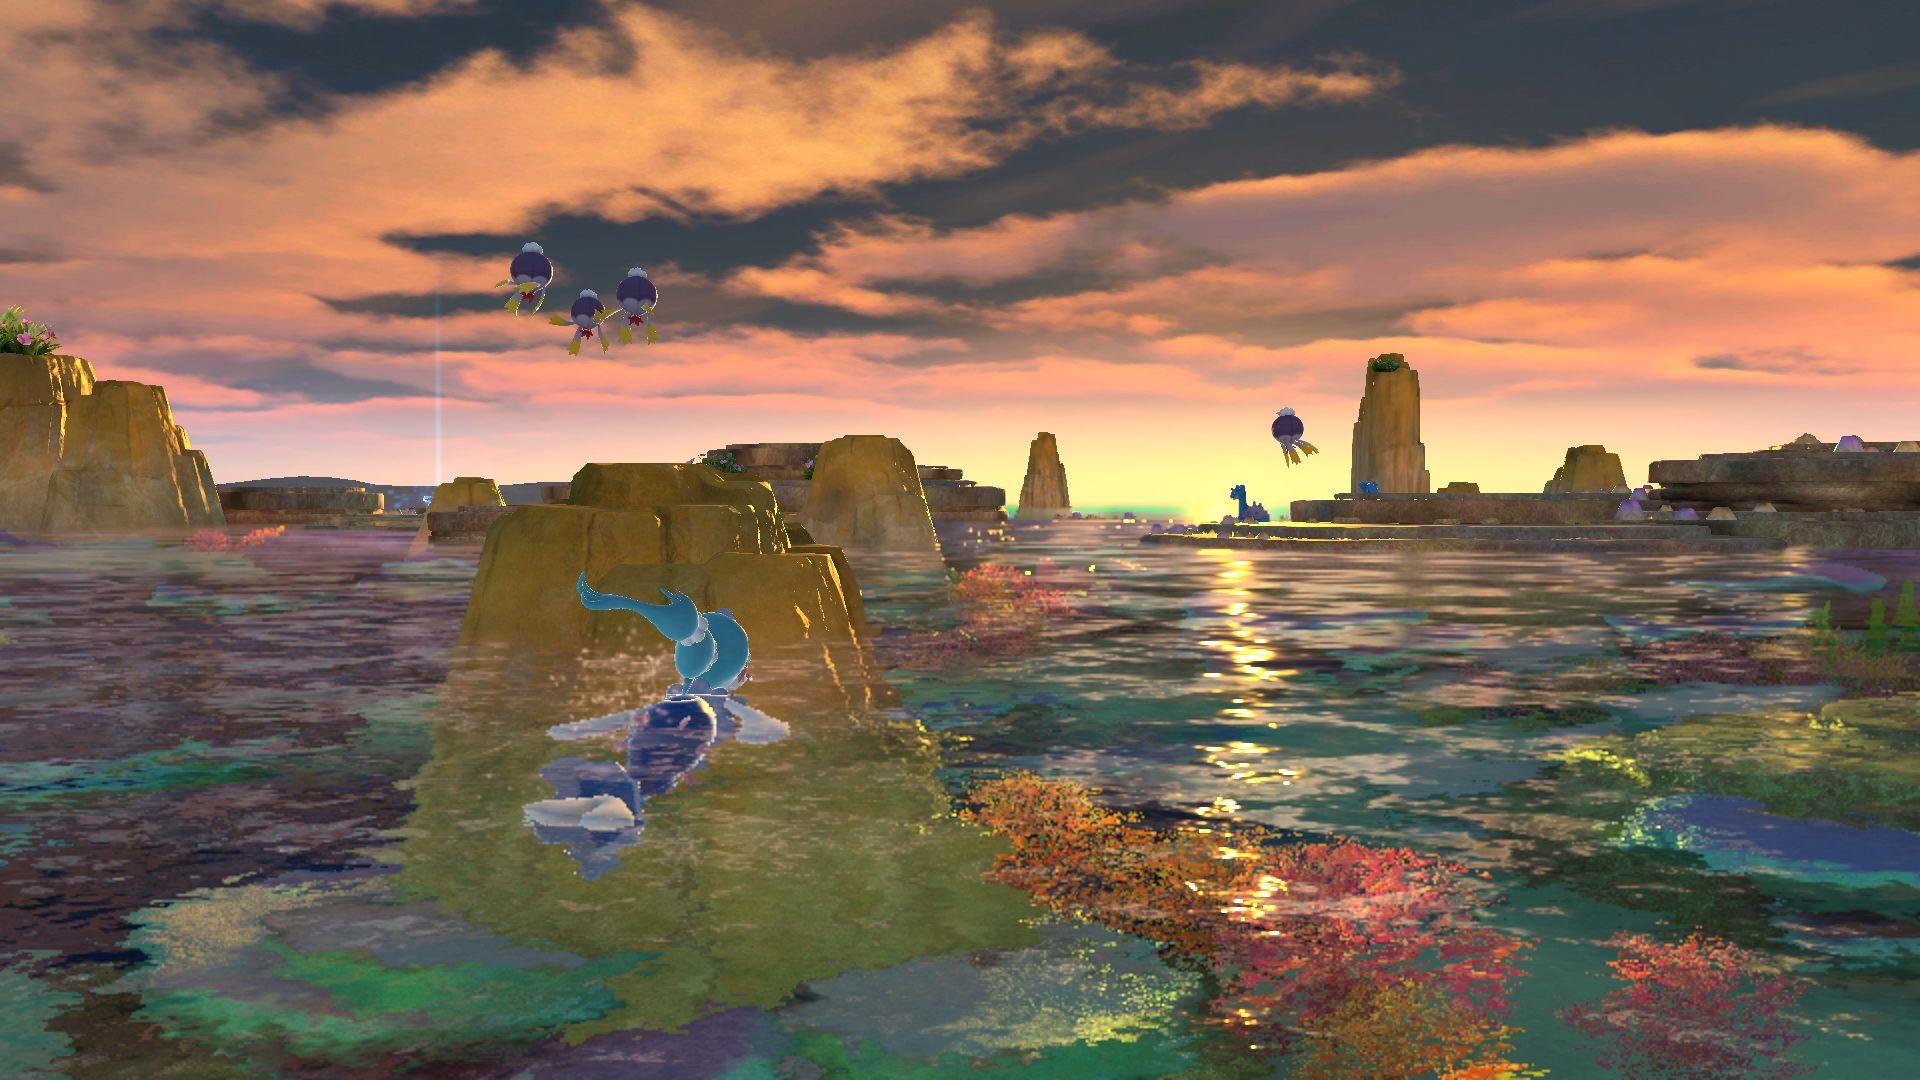 """Ein See, in dem ein Pokémon schwimmt, am Horizont geht die Sonne unter. Eine Szene aus """"New Pokémon Snap""""."""